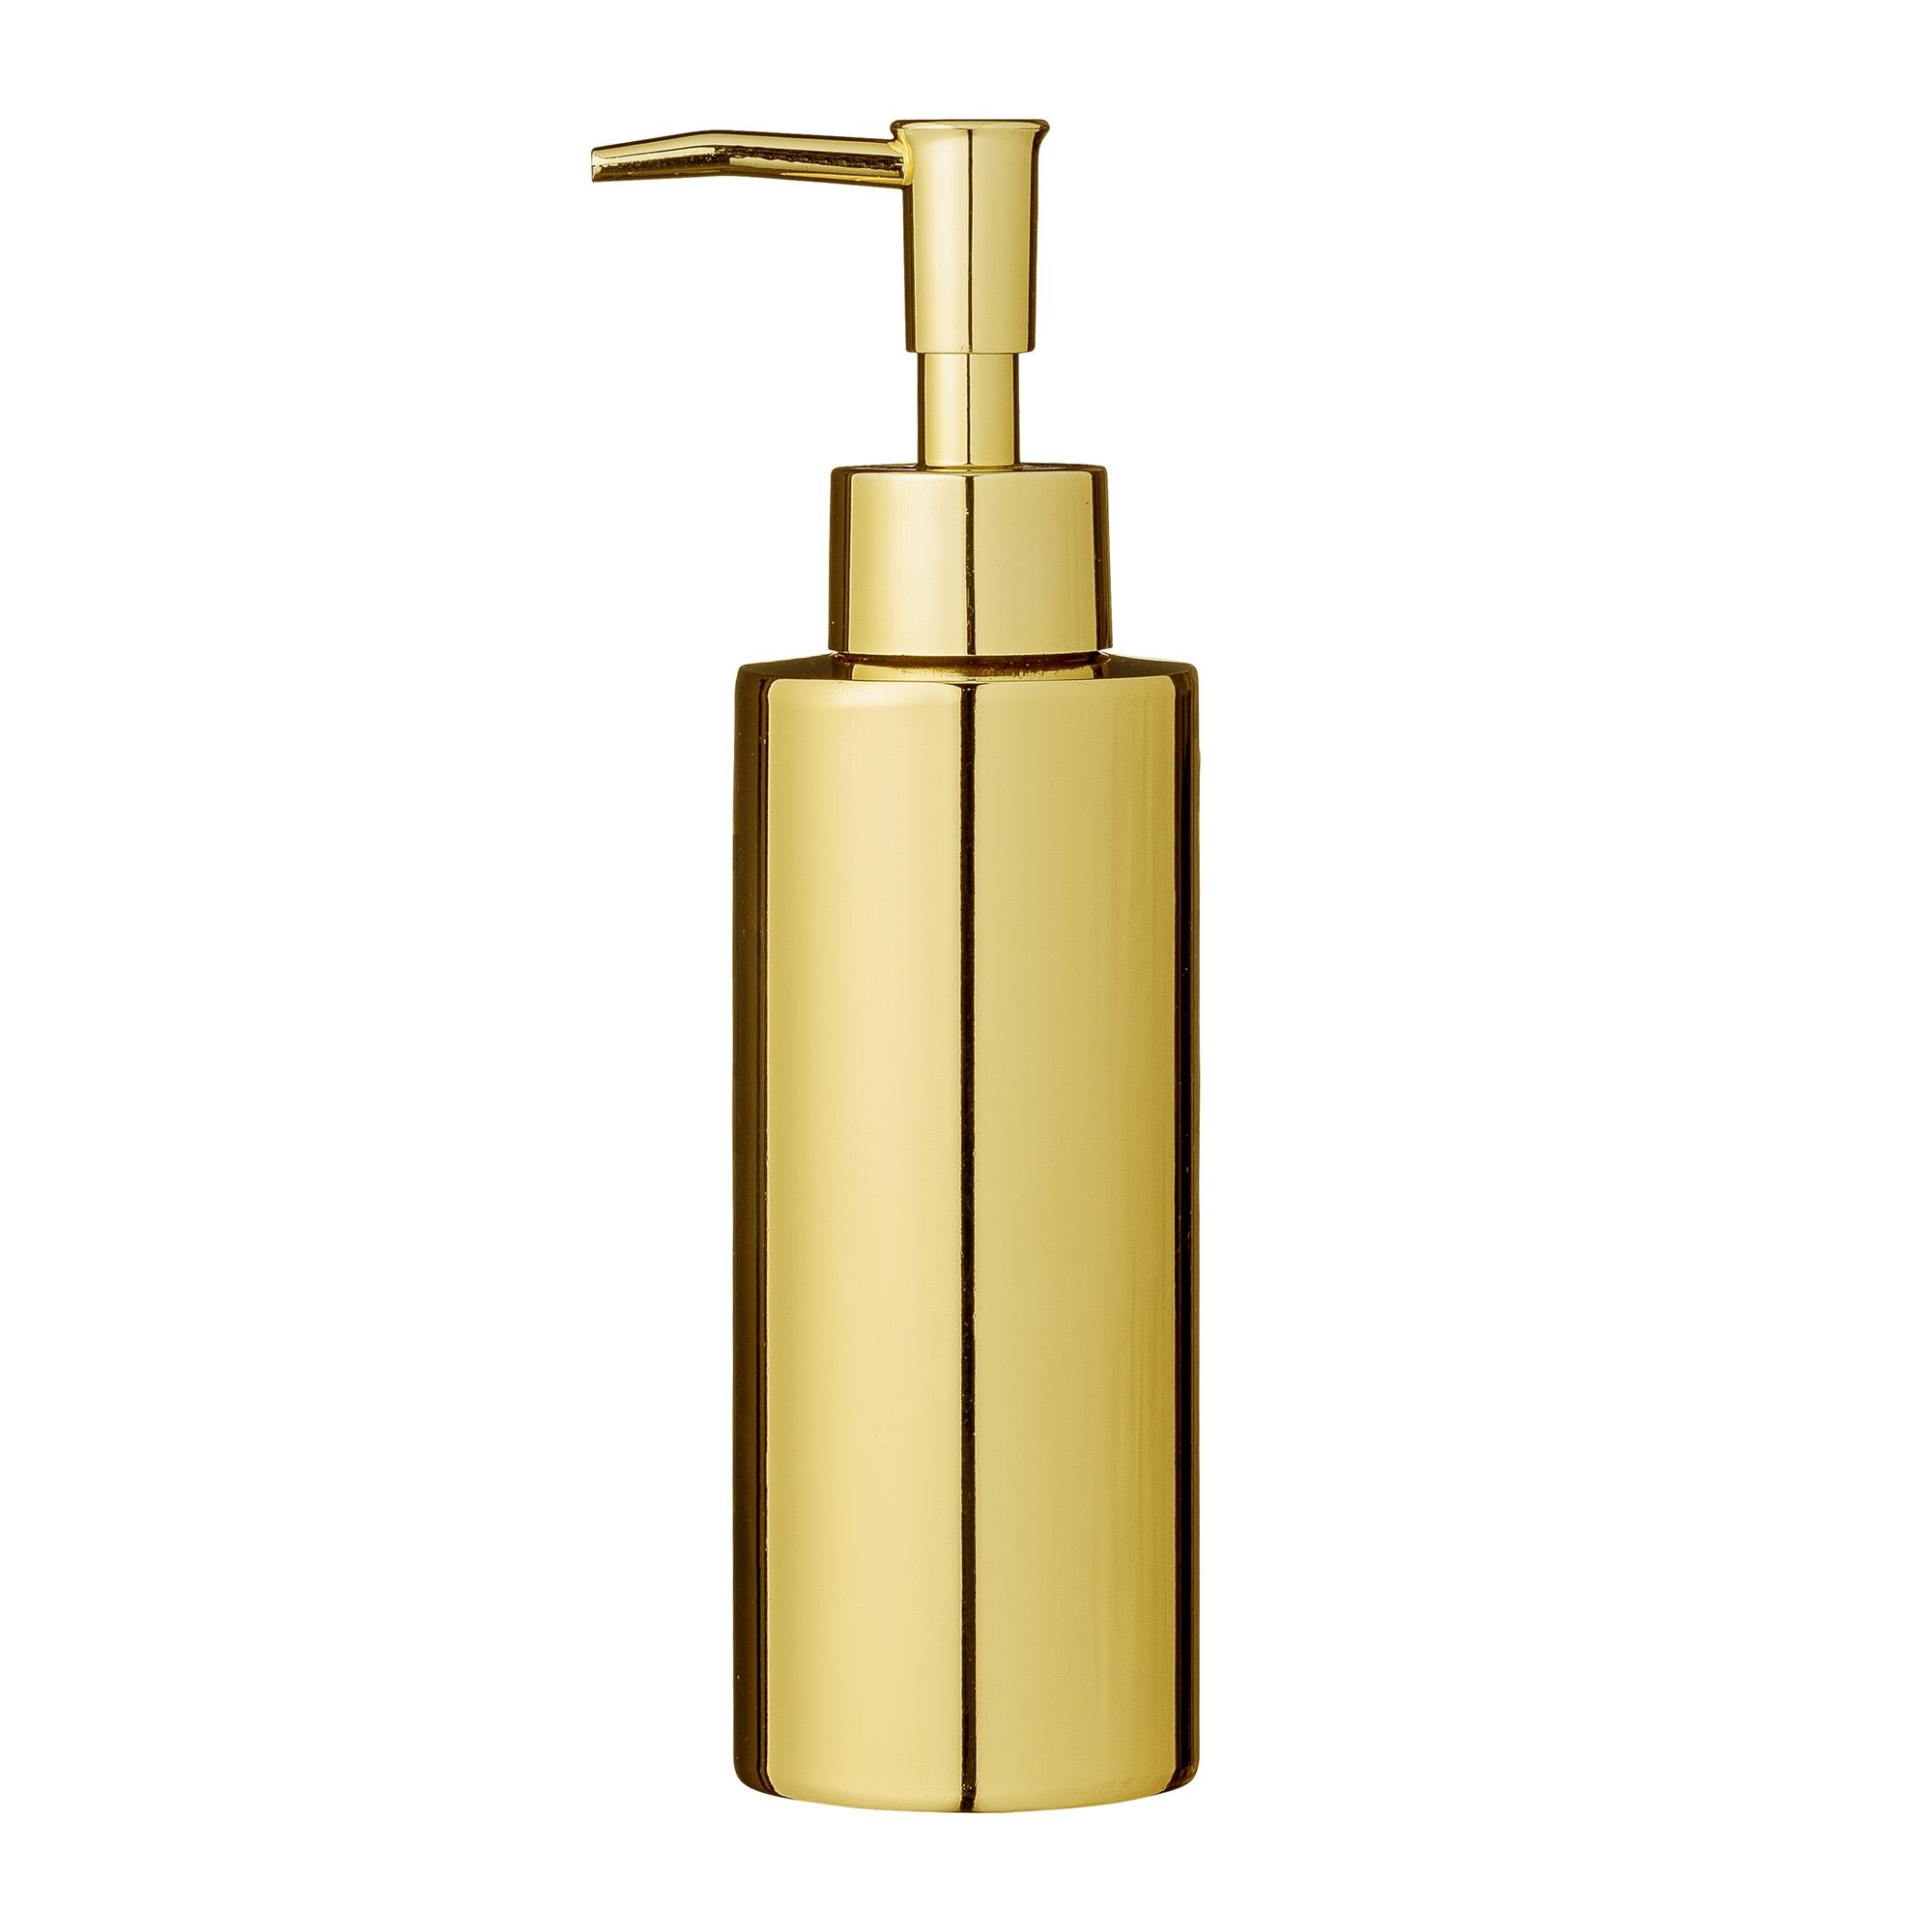 Dozator pentru sapun din metal, Goldy Auriu, Ø5,5xH19,5 cm imagine